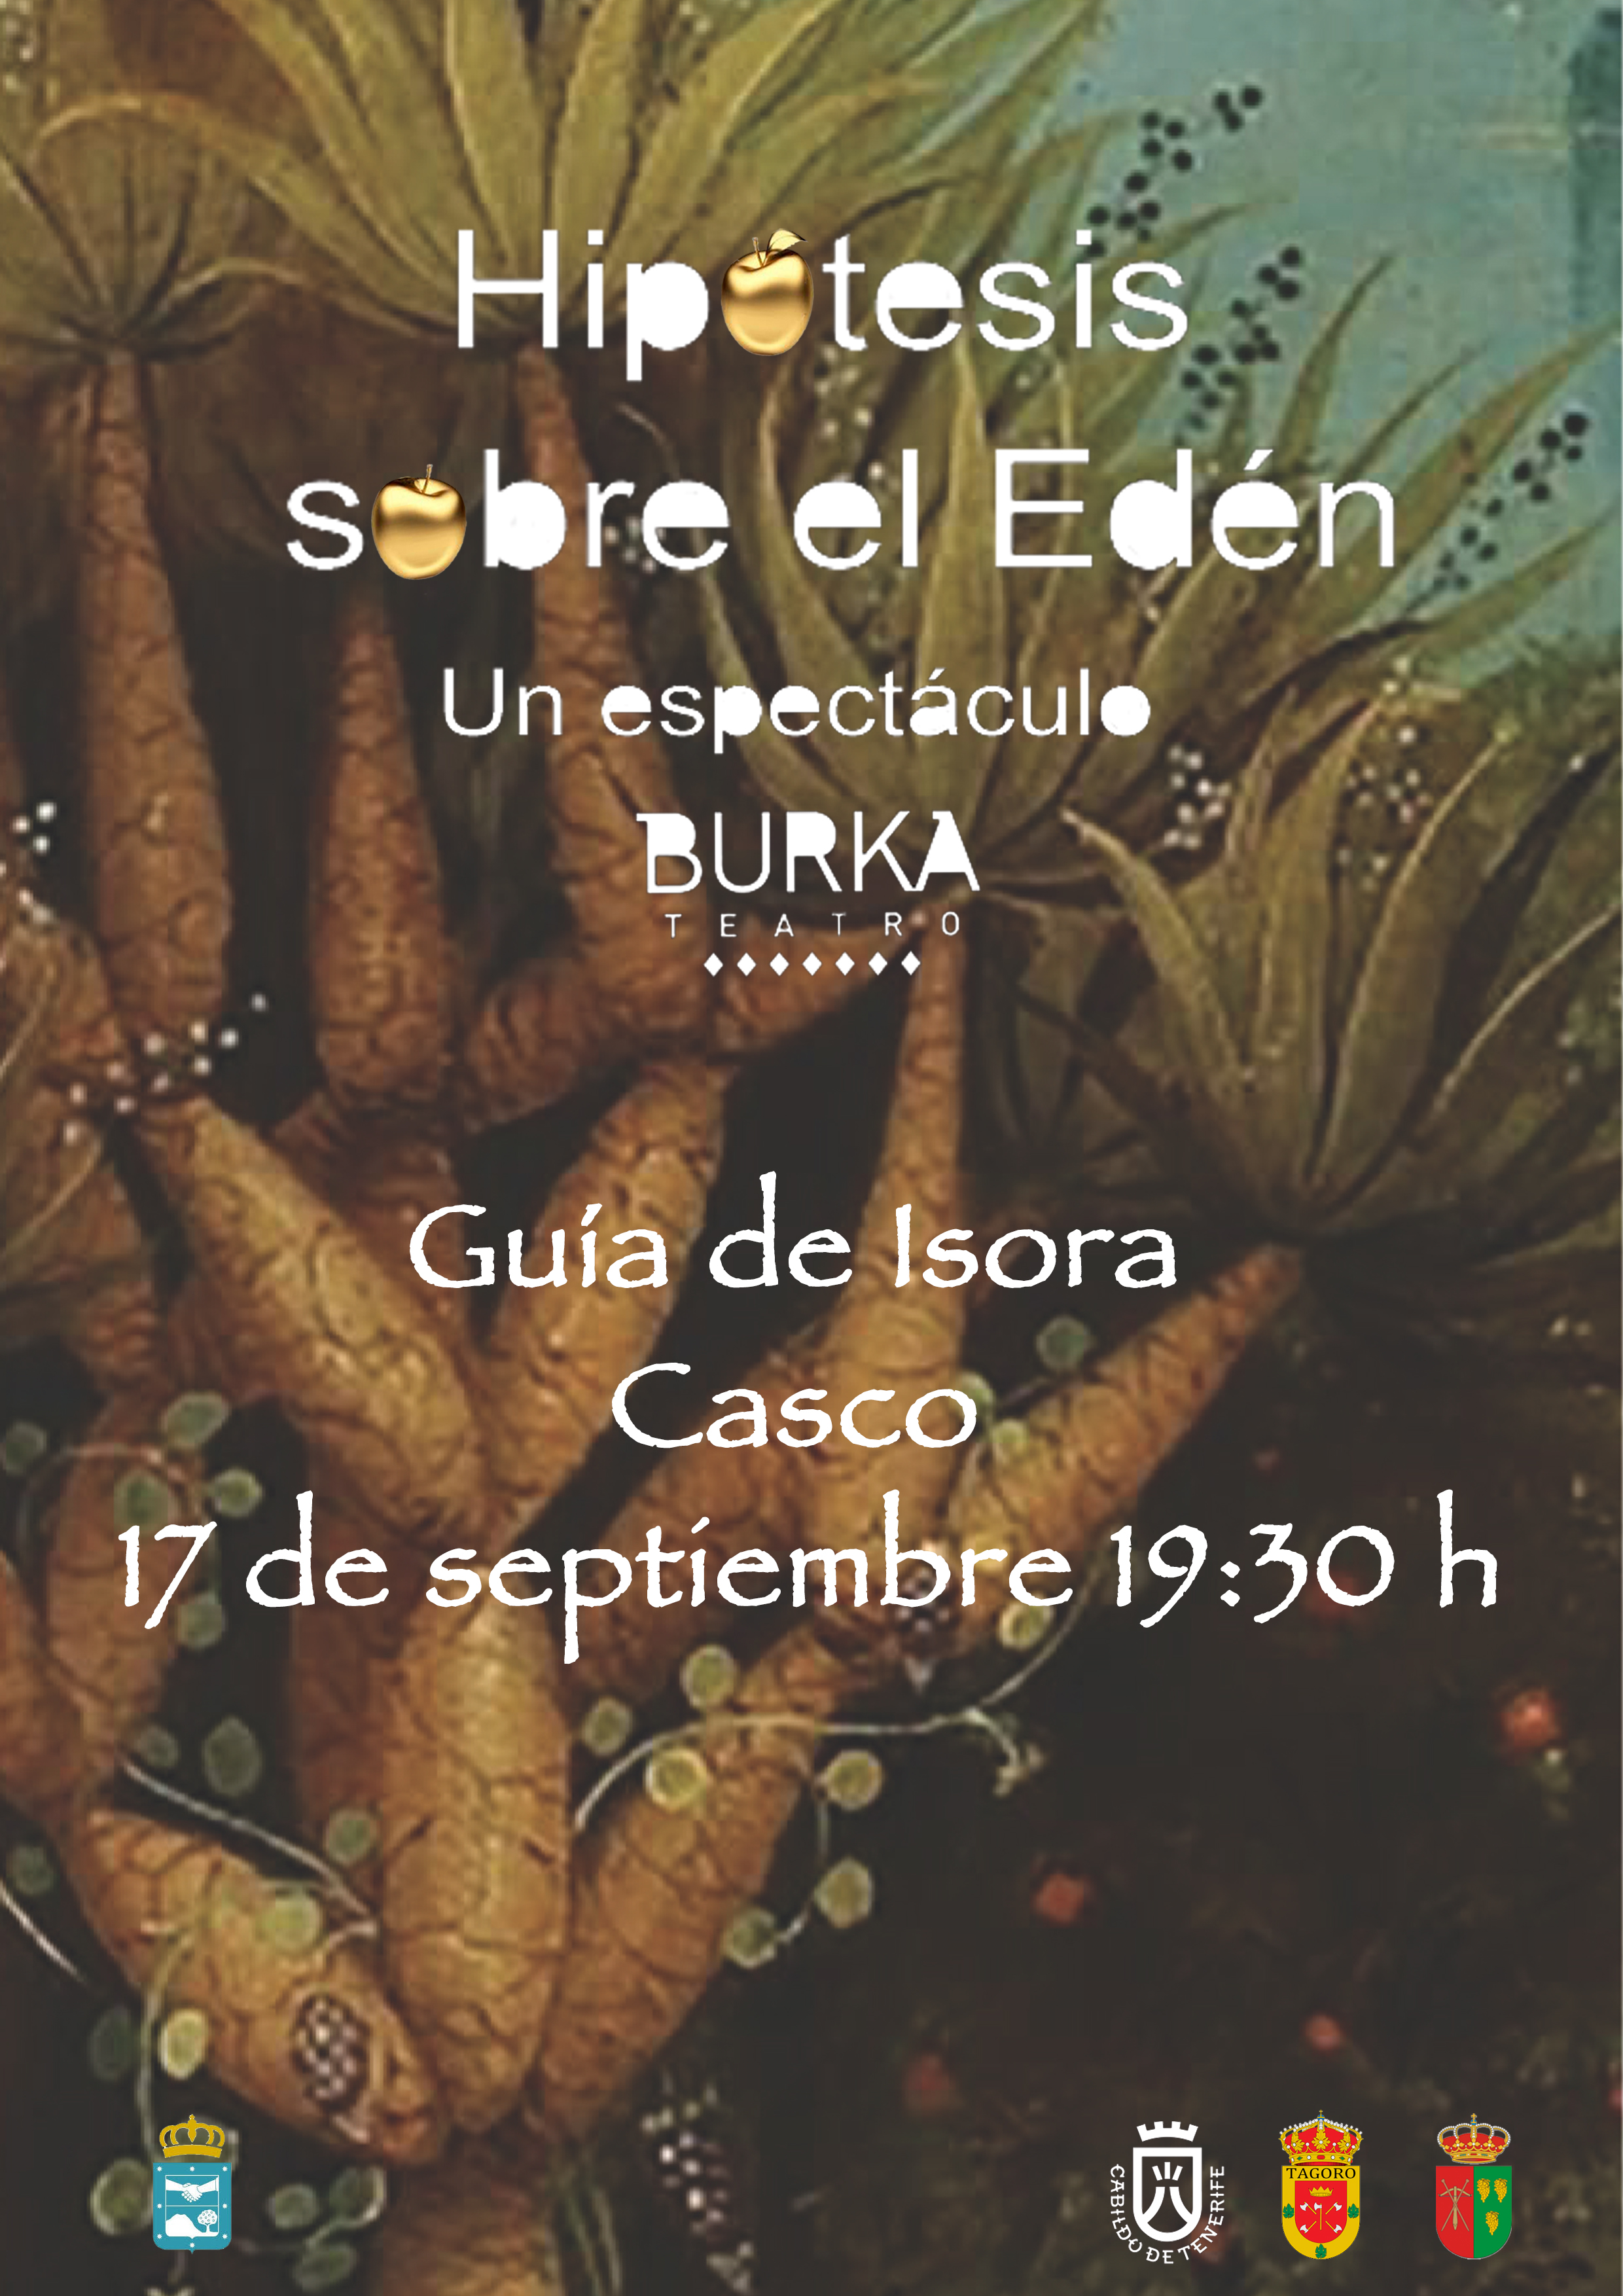 cartel HIPÓTESIS SOBRE EL EDÉN-Alto Guía